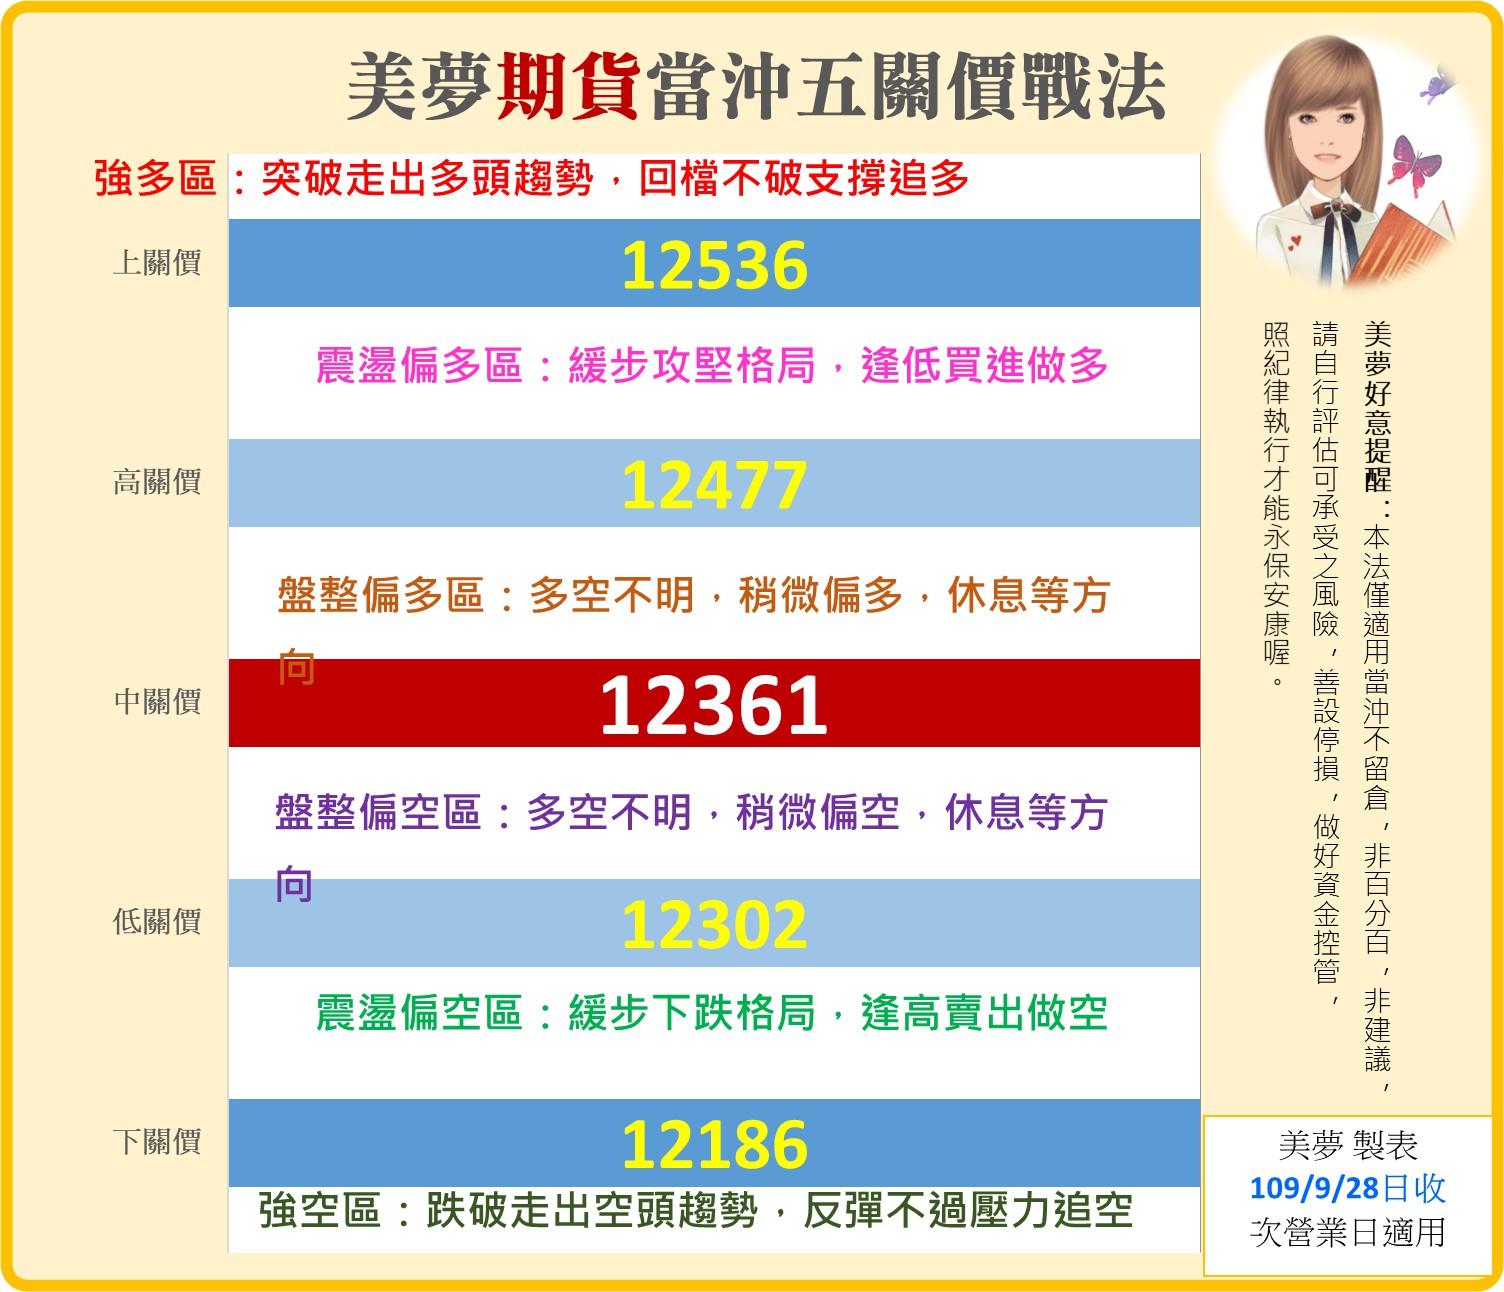 1090925  美夢冠軍--期選_12